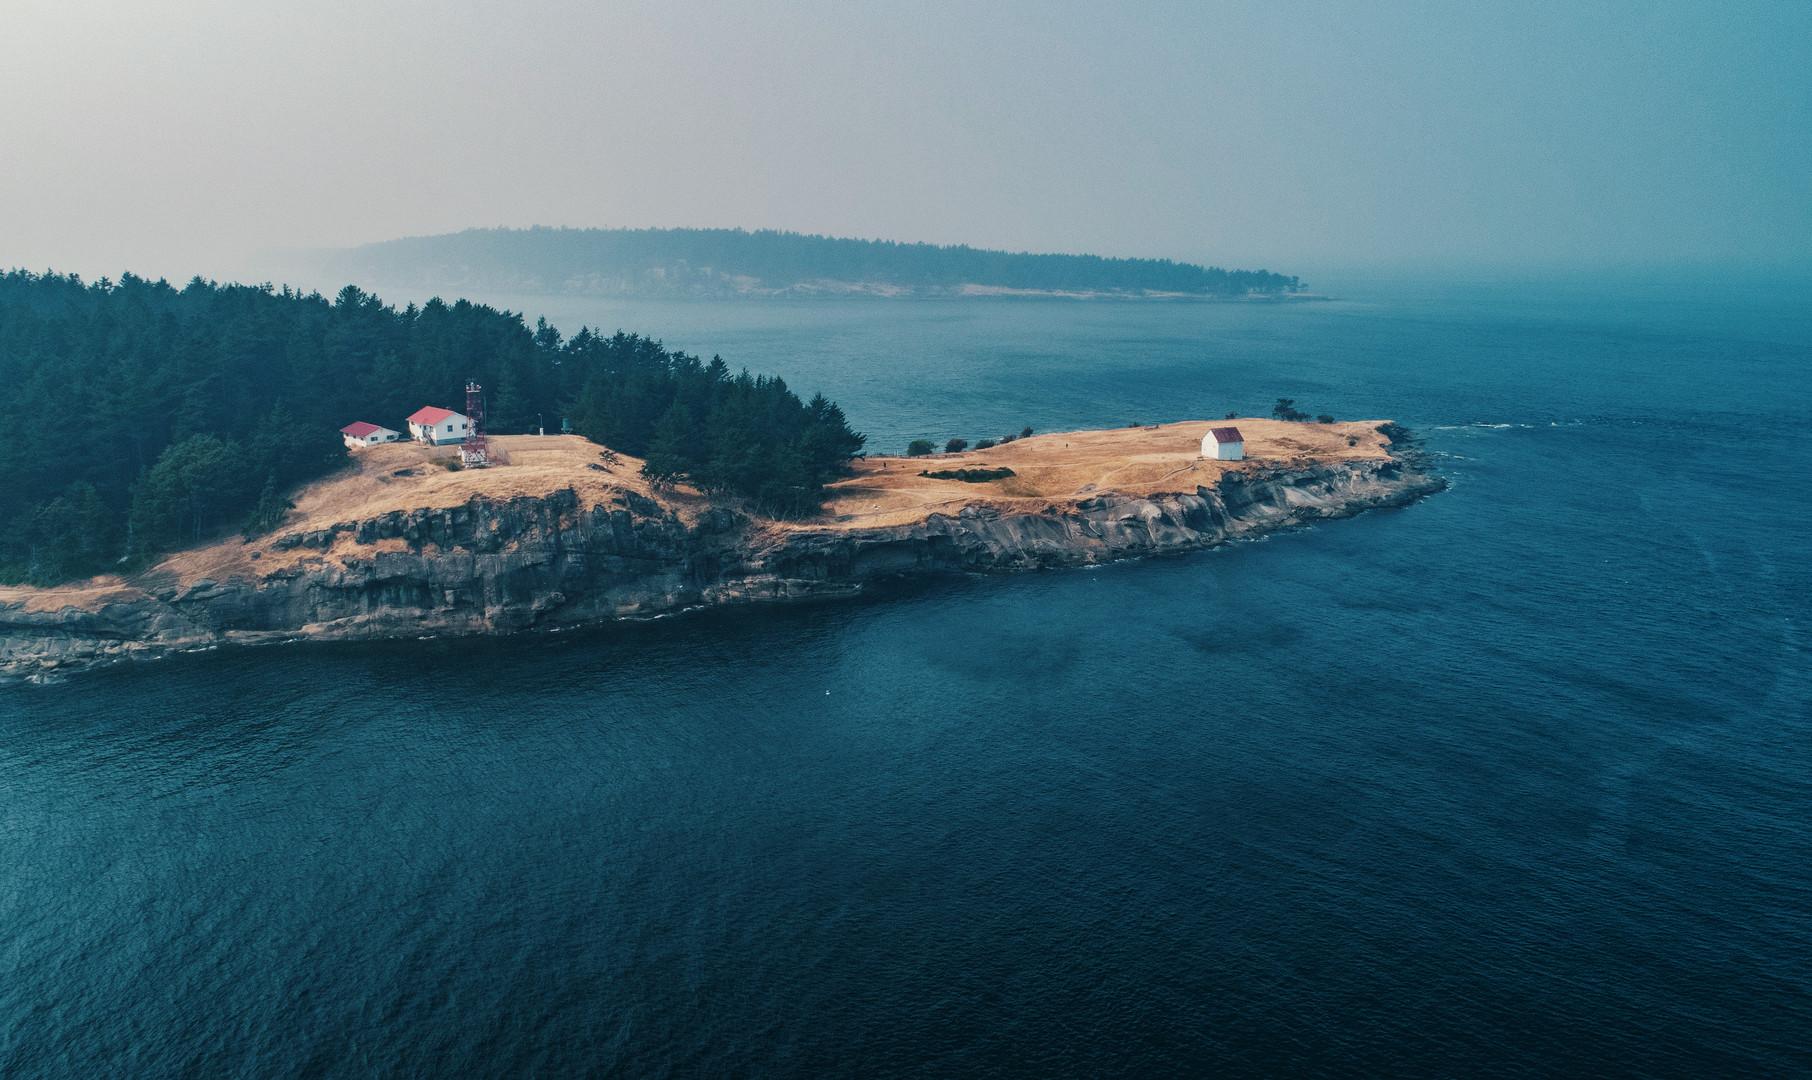 Saturna Island